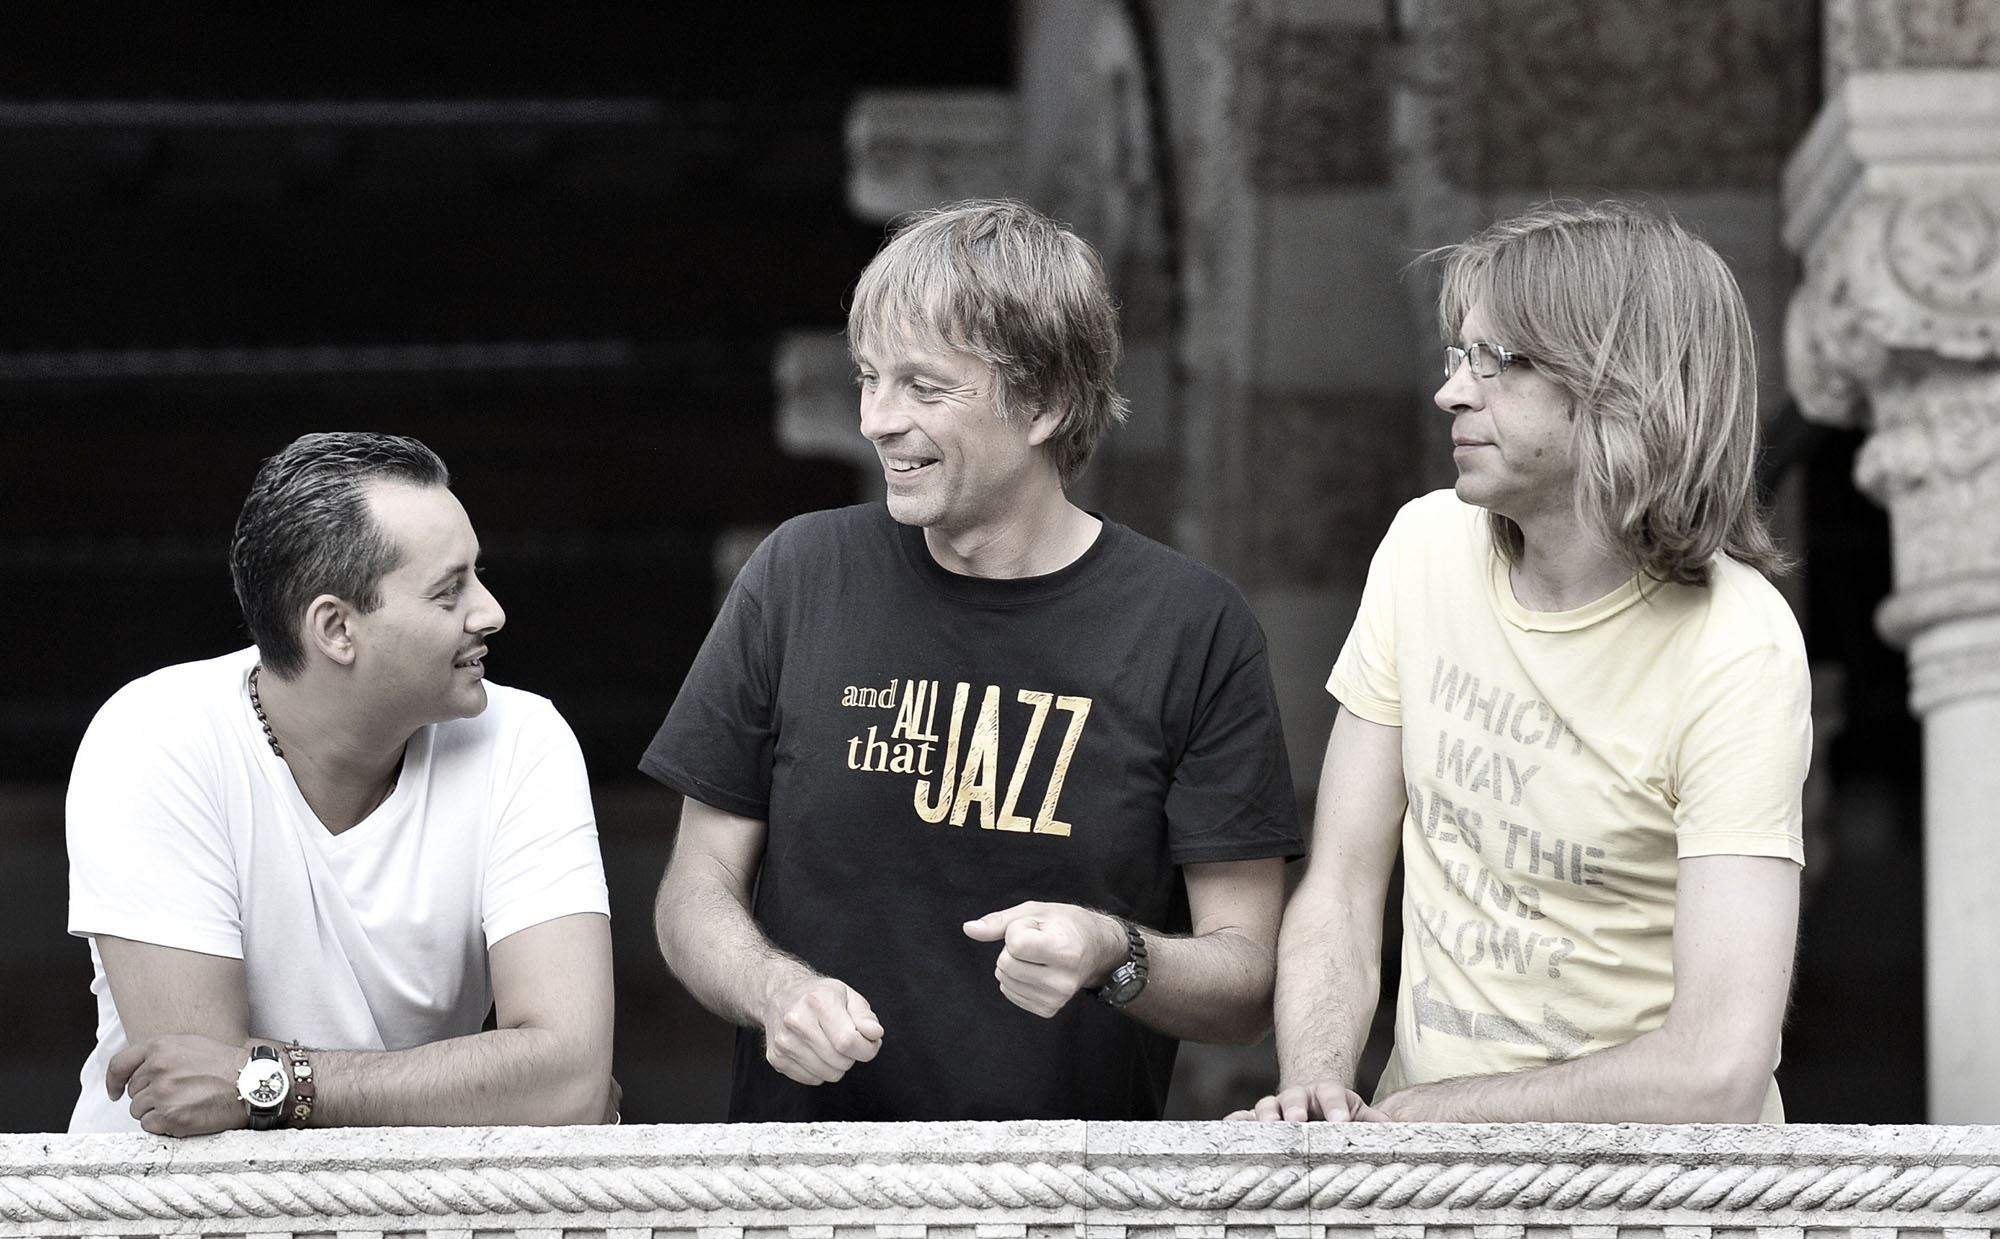 Foto: www.jazzijemtland.se,  © Copy: www.jazzijemtland.se, Jan Lundgren Trio feat. Hannah Svensson